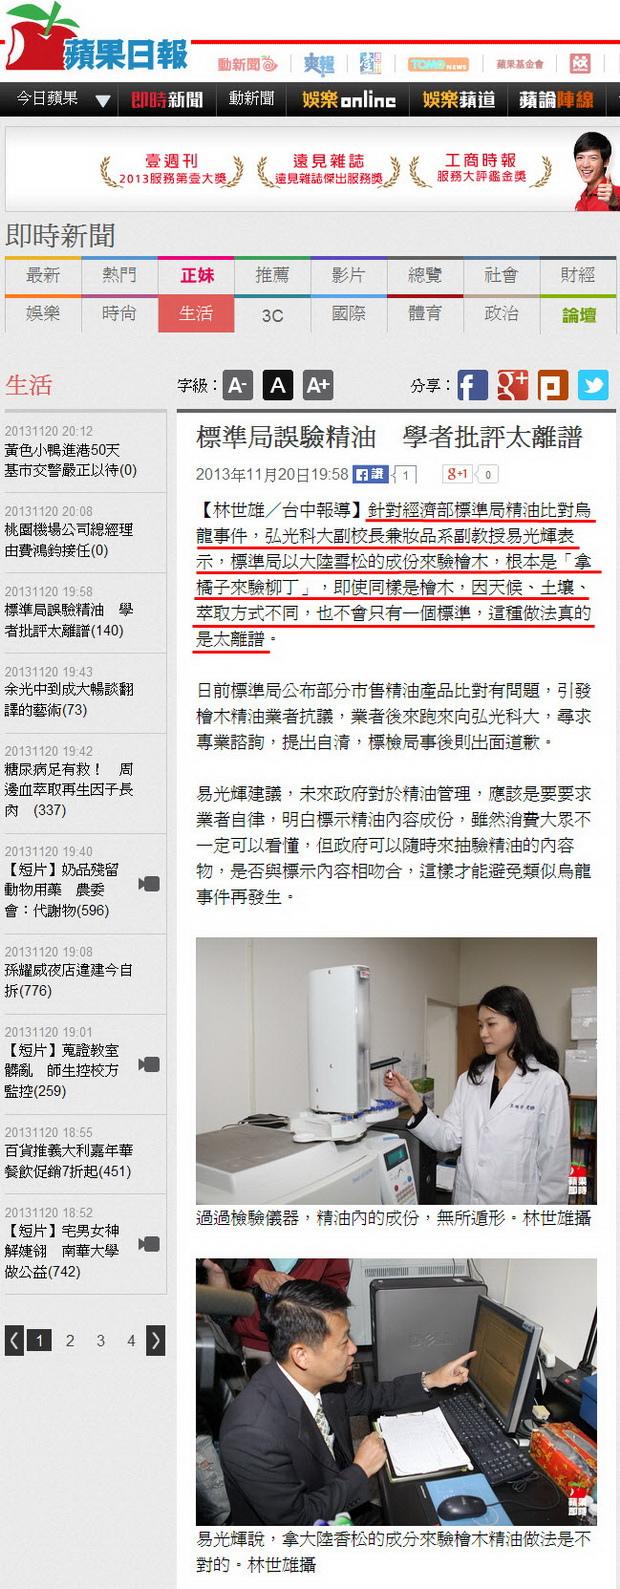 標準局誤驗精油 學者批評太離譜-2013.11.20.jpg